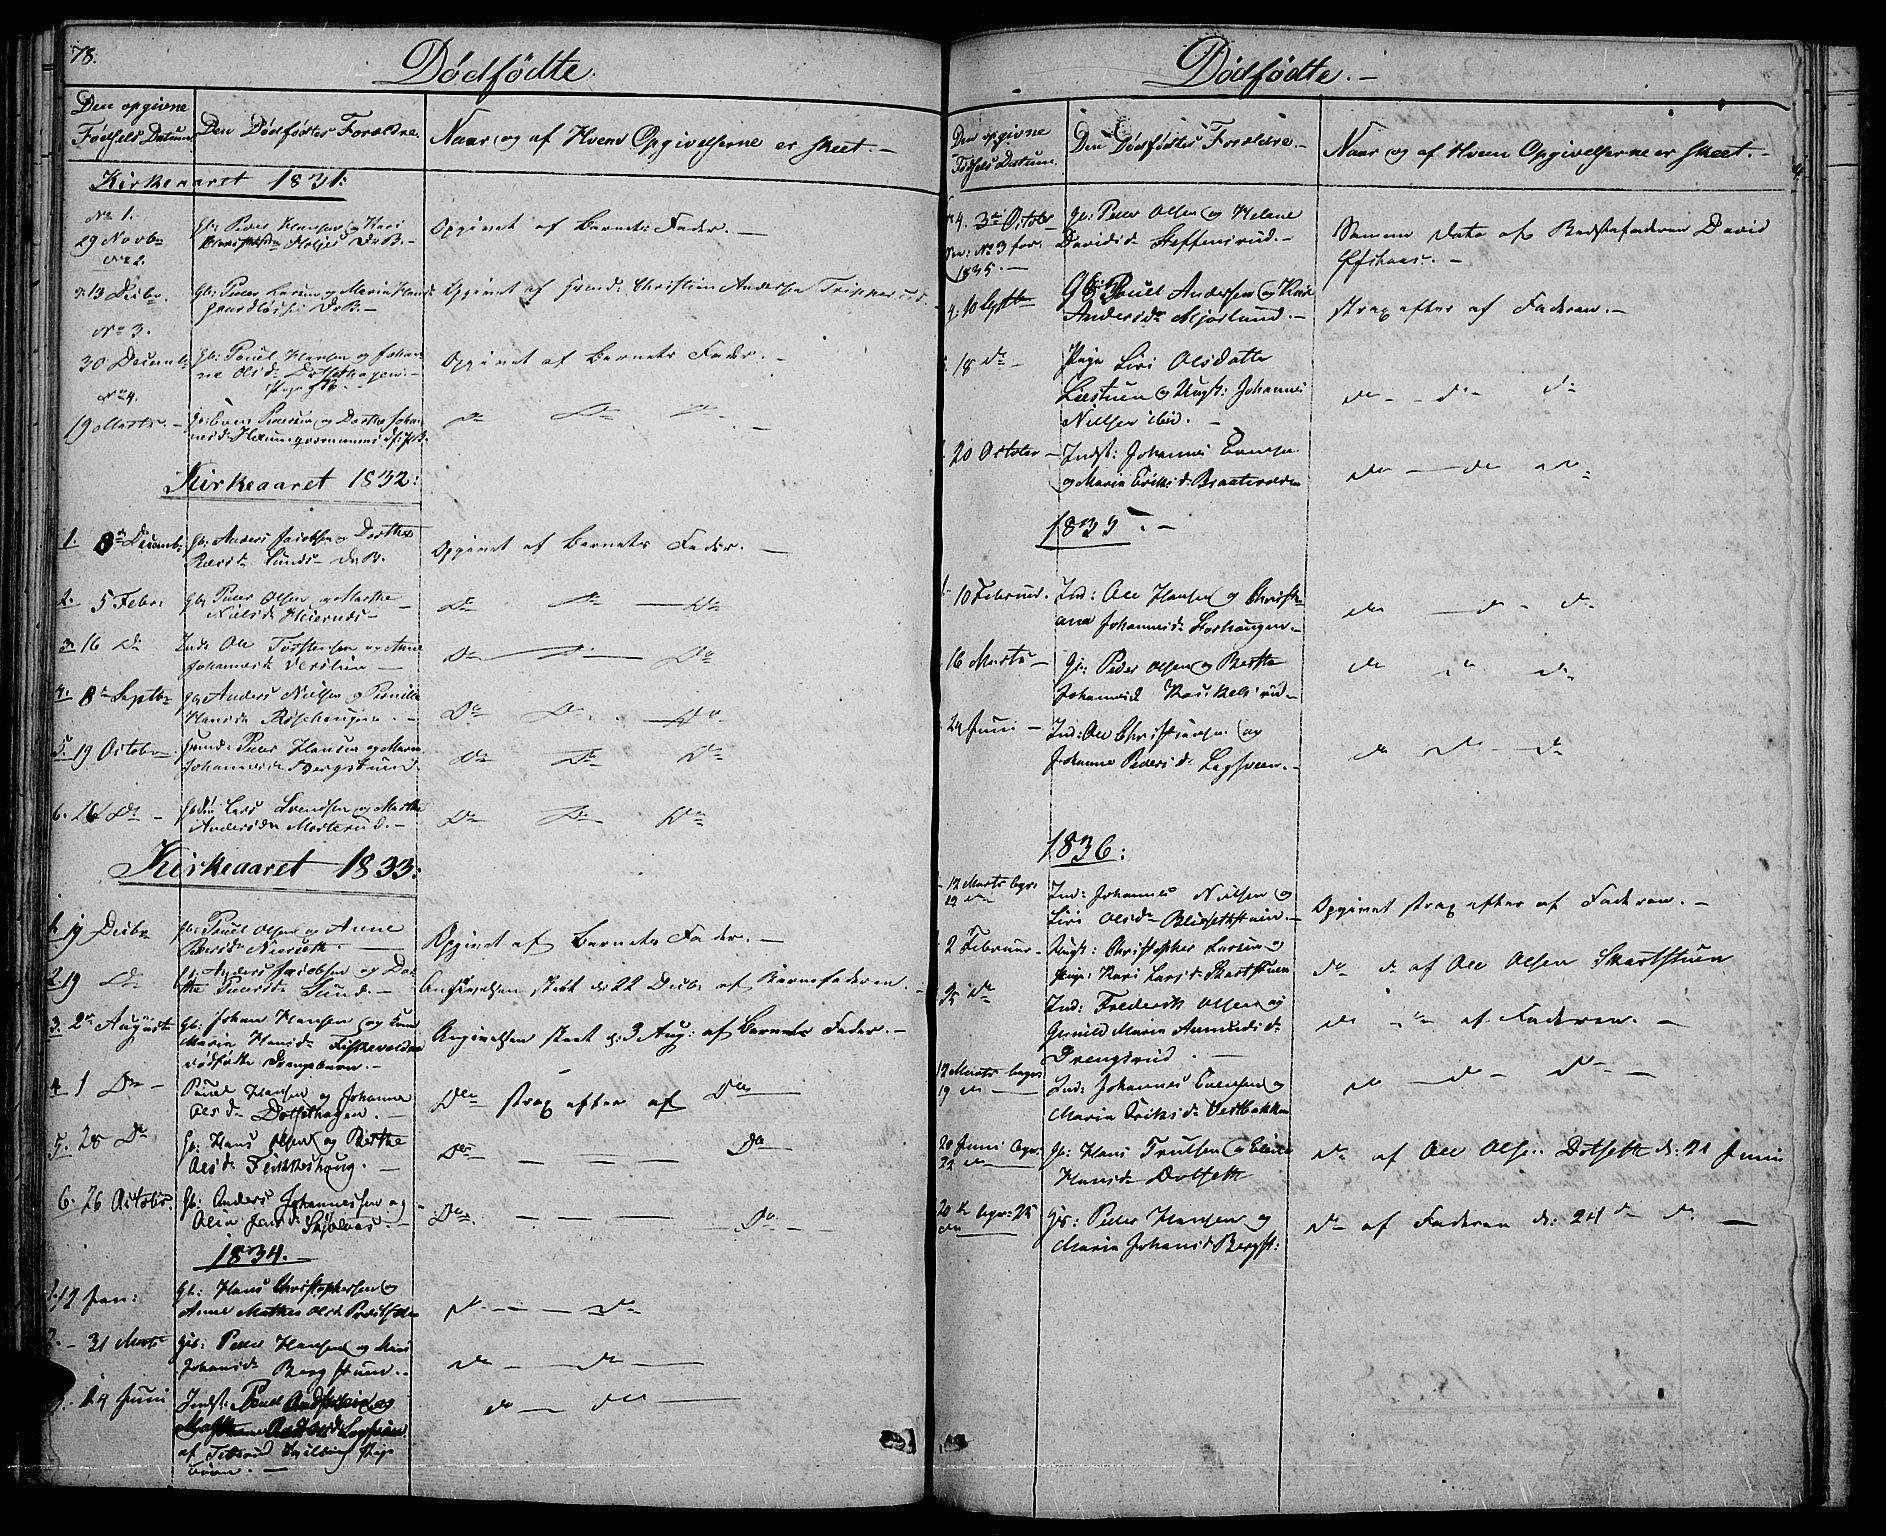 SAH, Vestre Toten prestekontor, Klokkerbok nr. 1, 1830-1836, s. 78